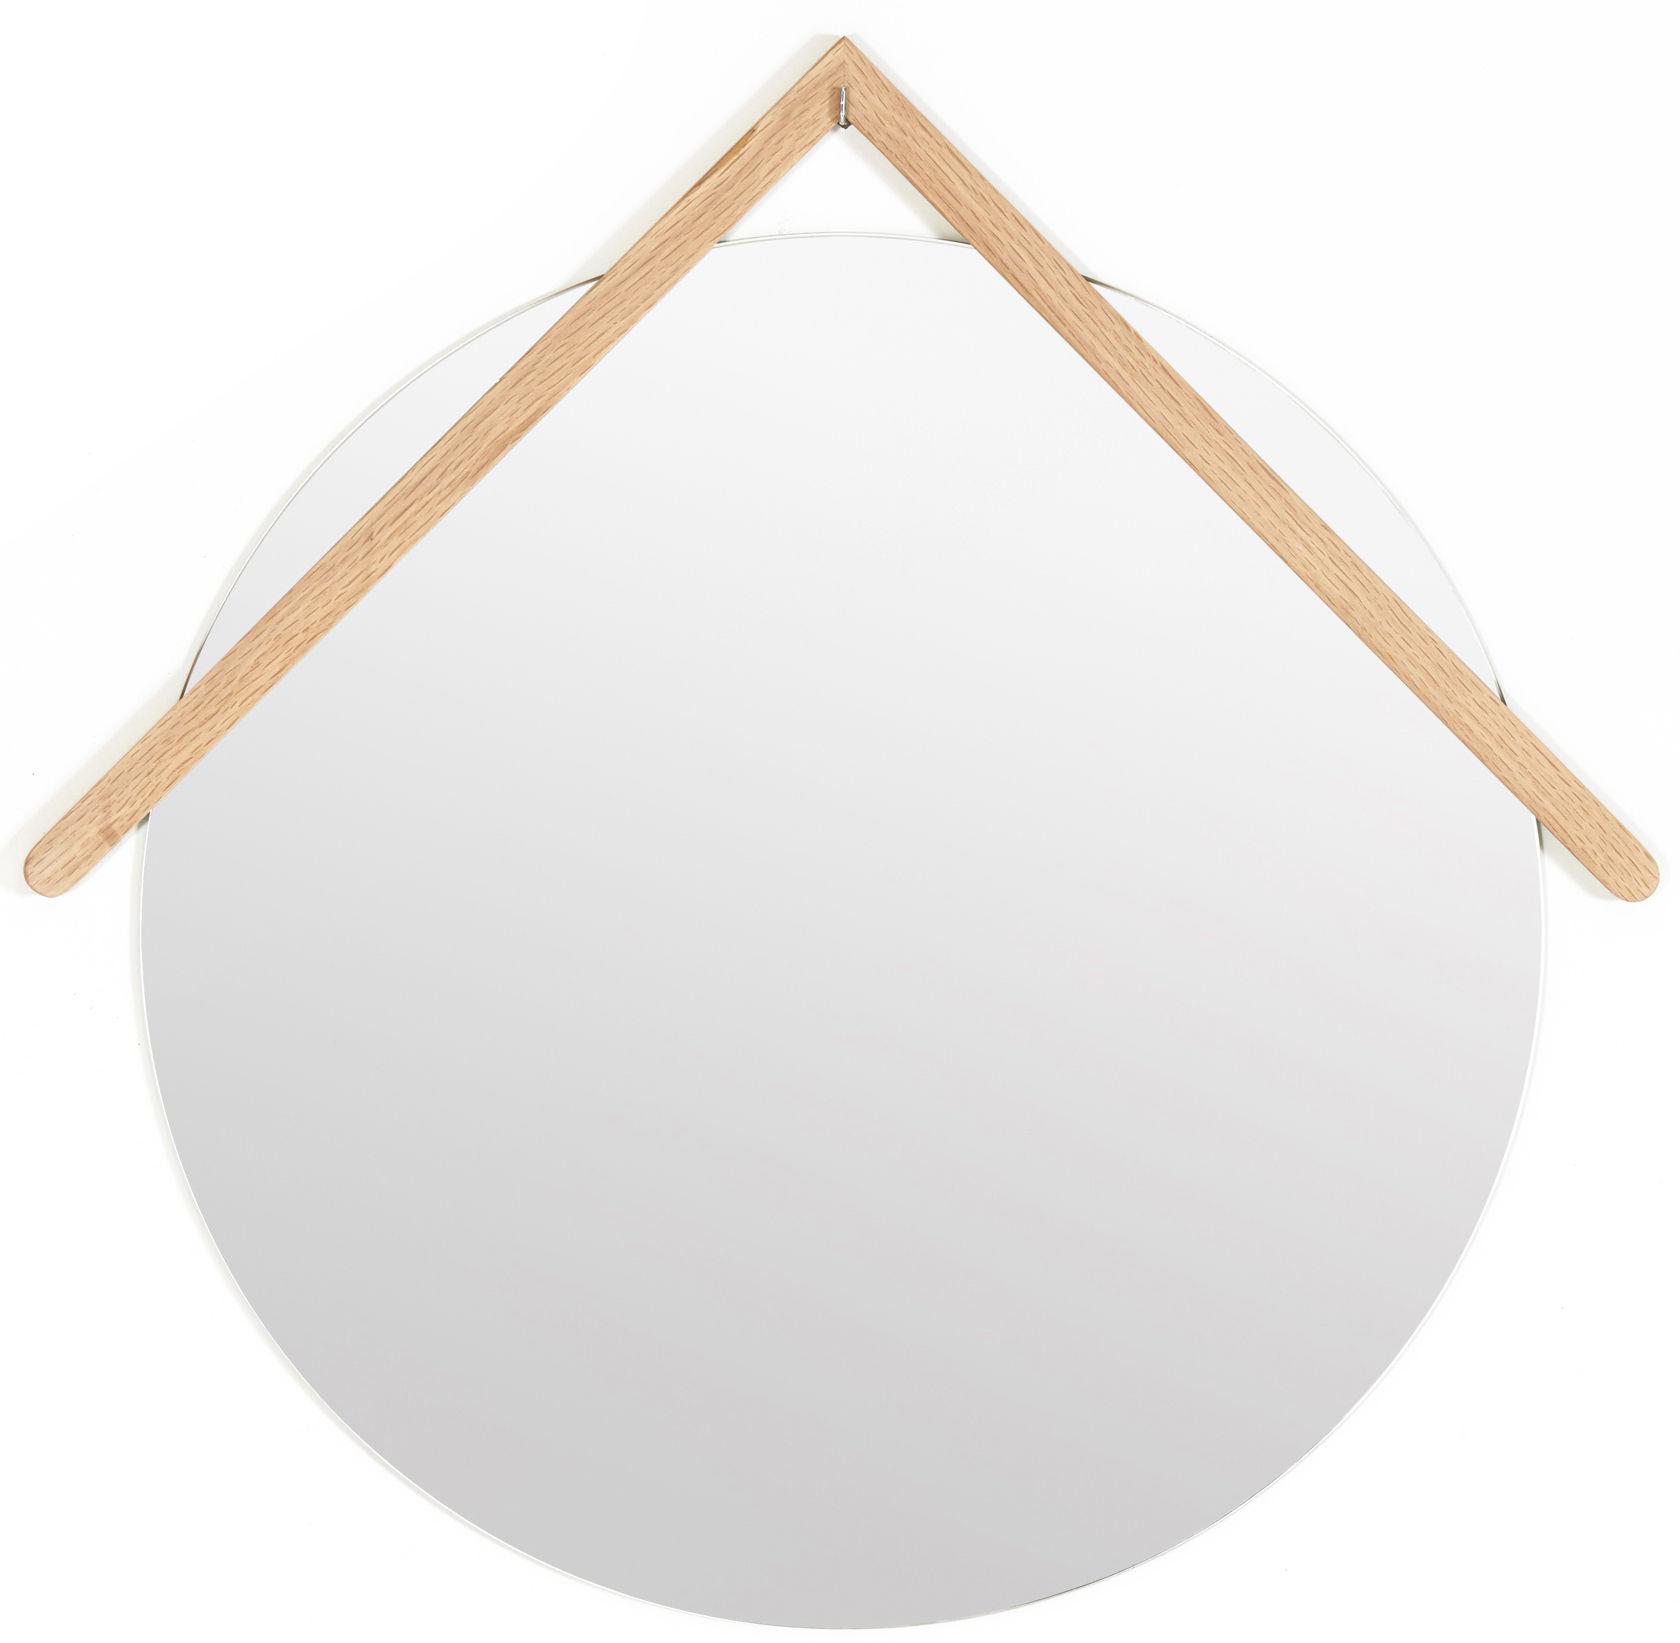 Interni - Specchi - Specchio Grand Lubin / Ø 55 cm - Hartô - Quercia - Rovere, Specchio